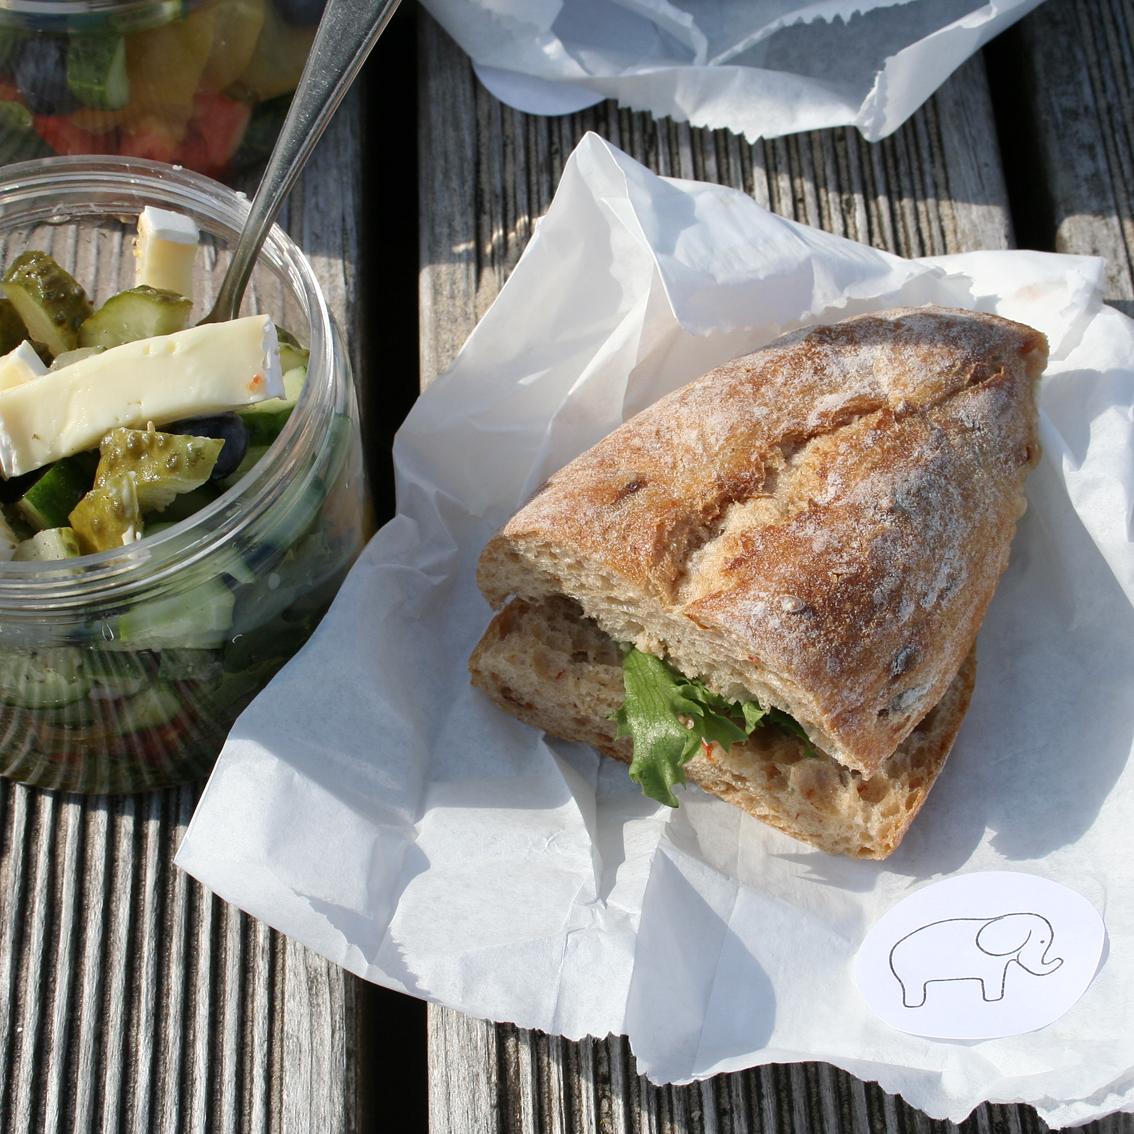 Pusdienās ciabatas maizīte ar zilo sieru, tomātiem un salātlapu, savukārt trauciņā tika izsniegti salāti ar dažādām labu labām sastāvdaļām.